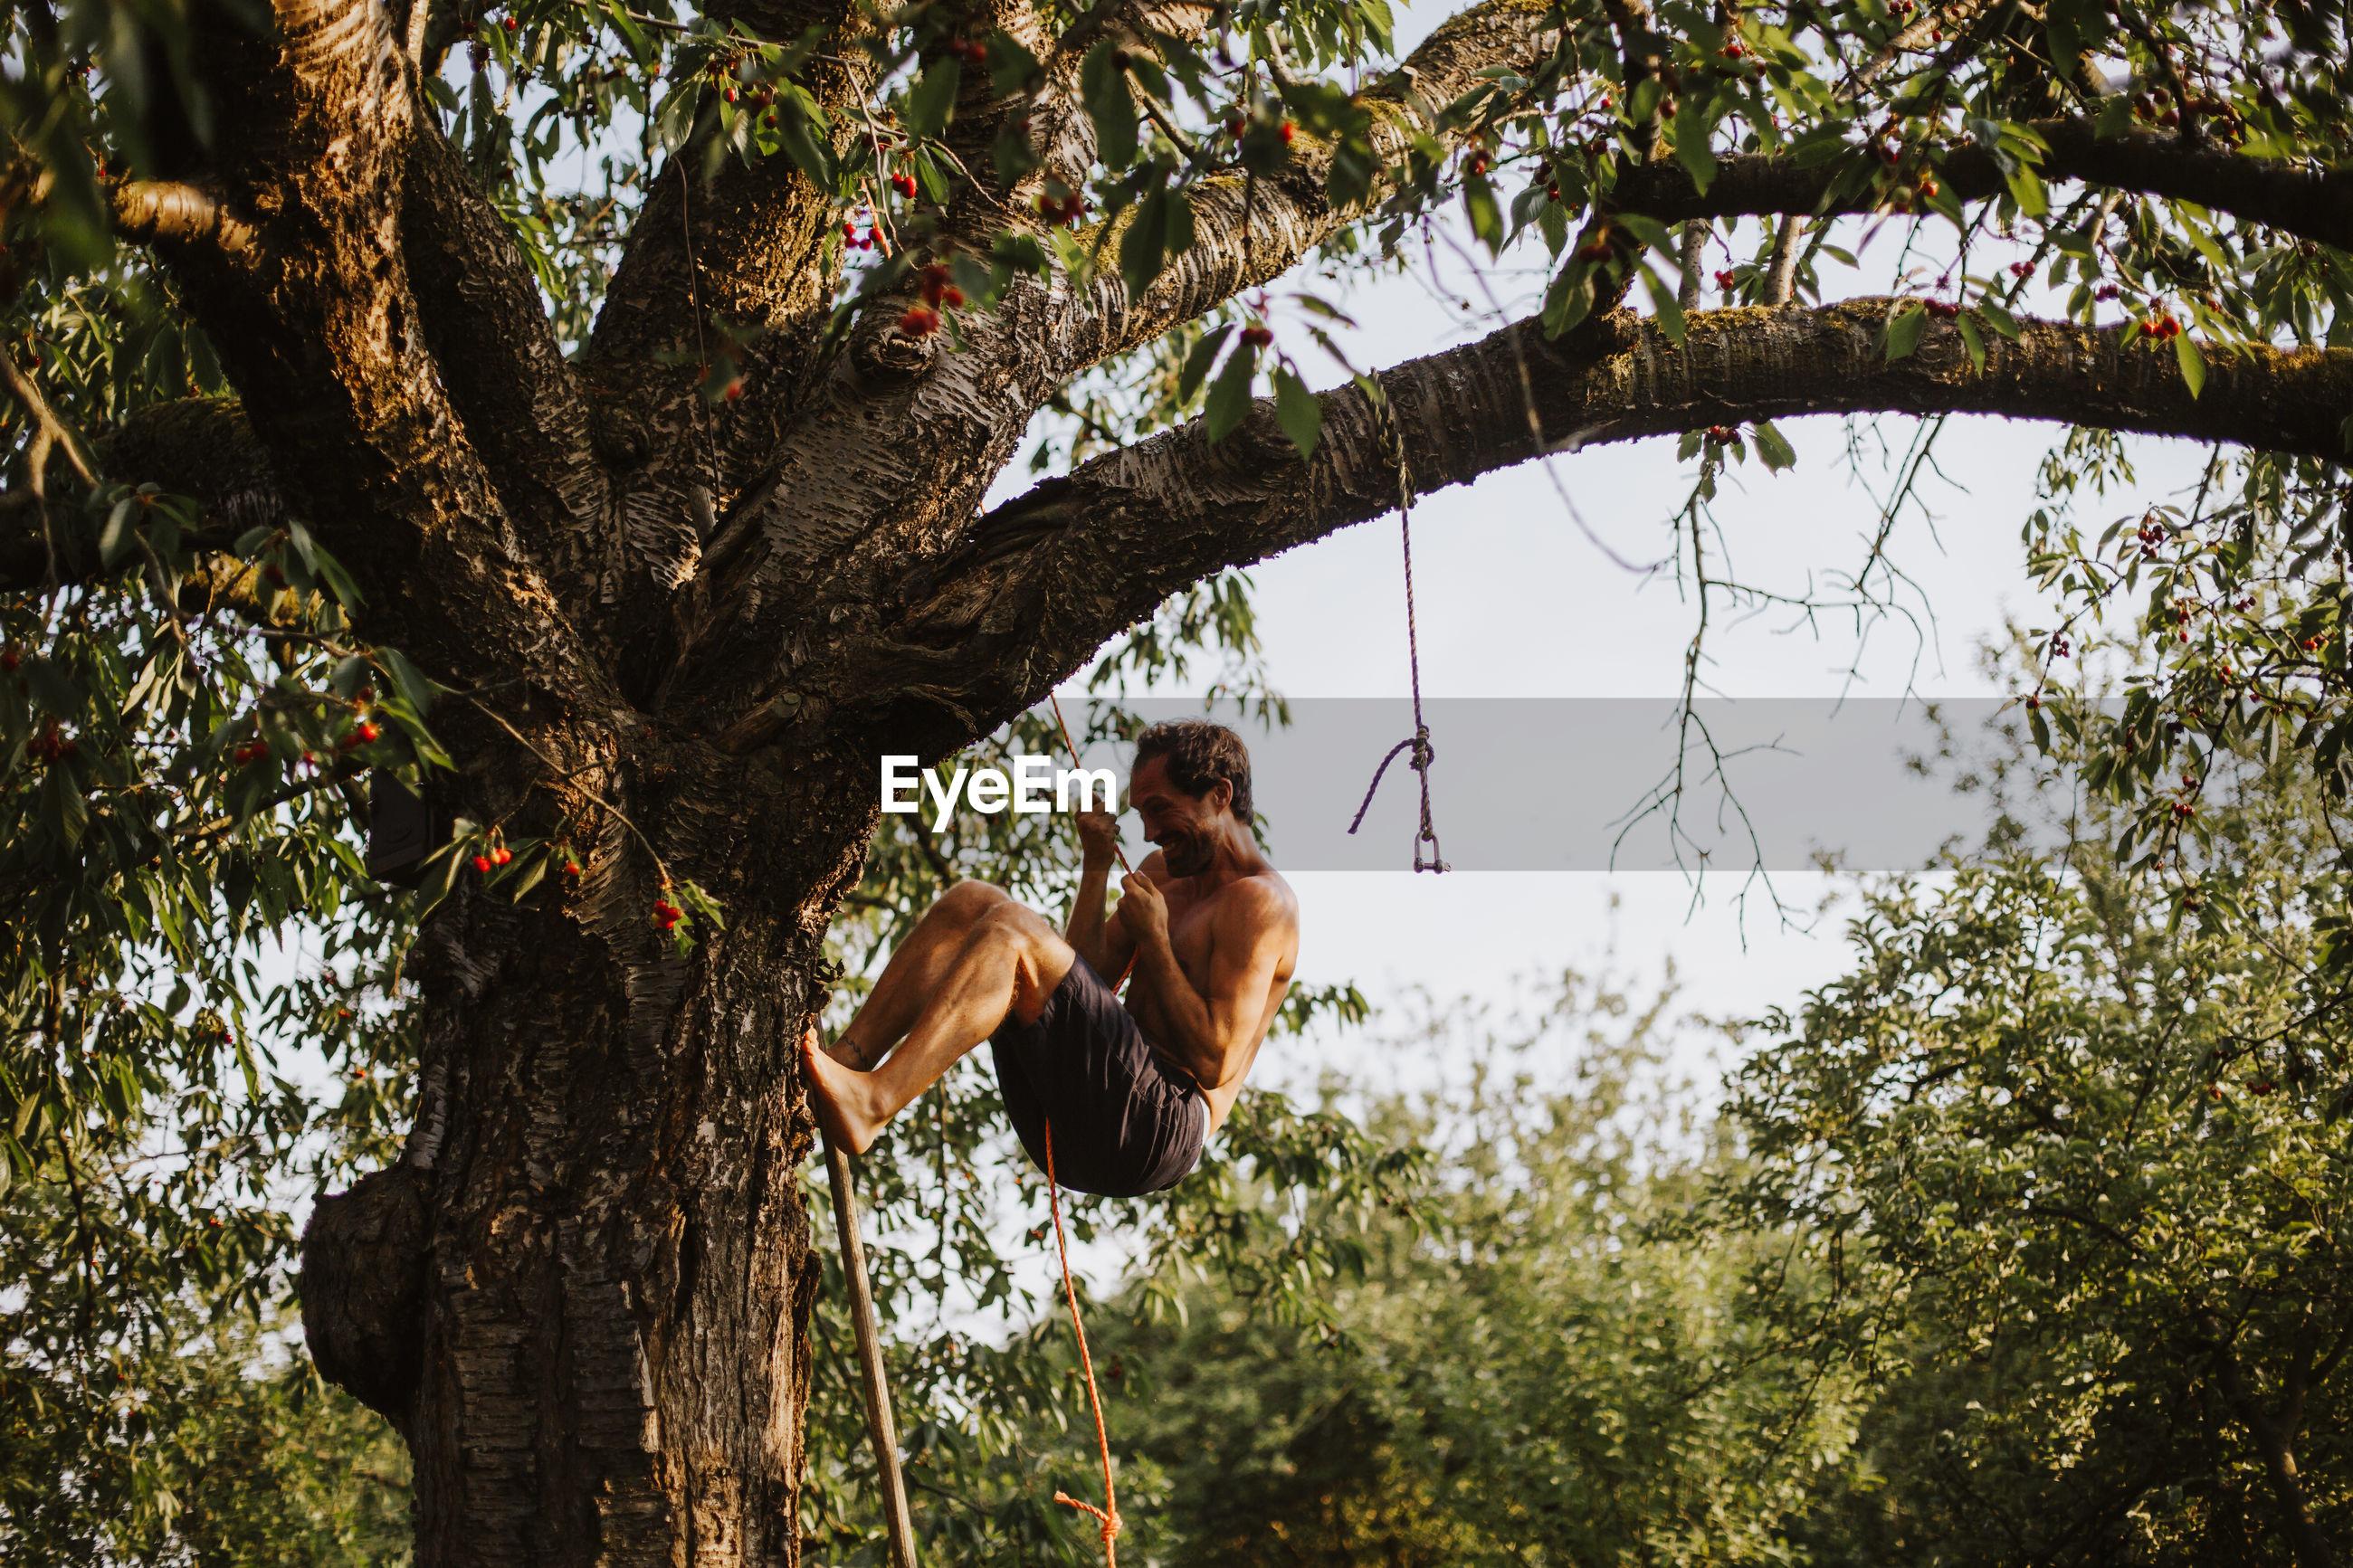 Shirtless man climbing on tree